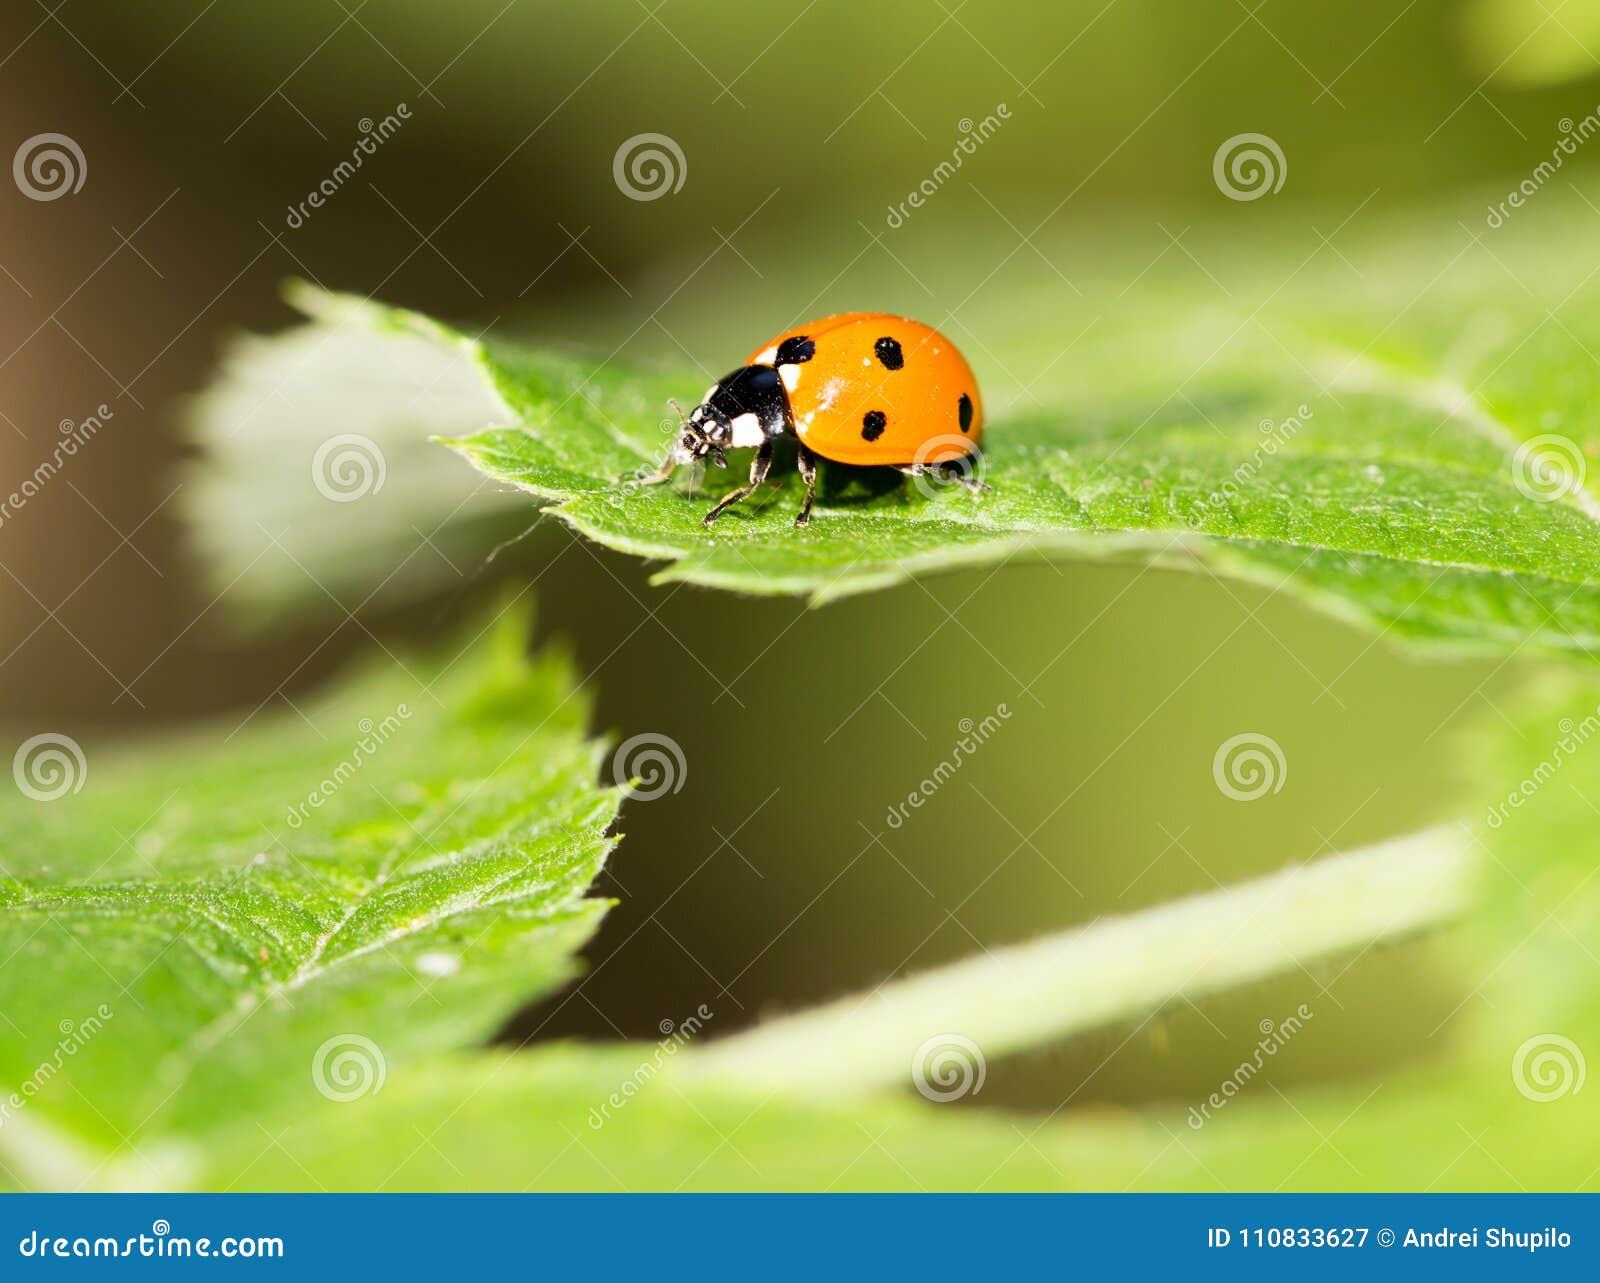 Marienkäfer auf einer Anlage in der Natur Makro